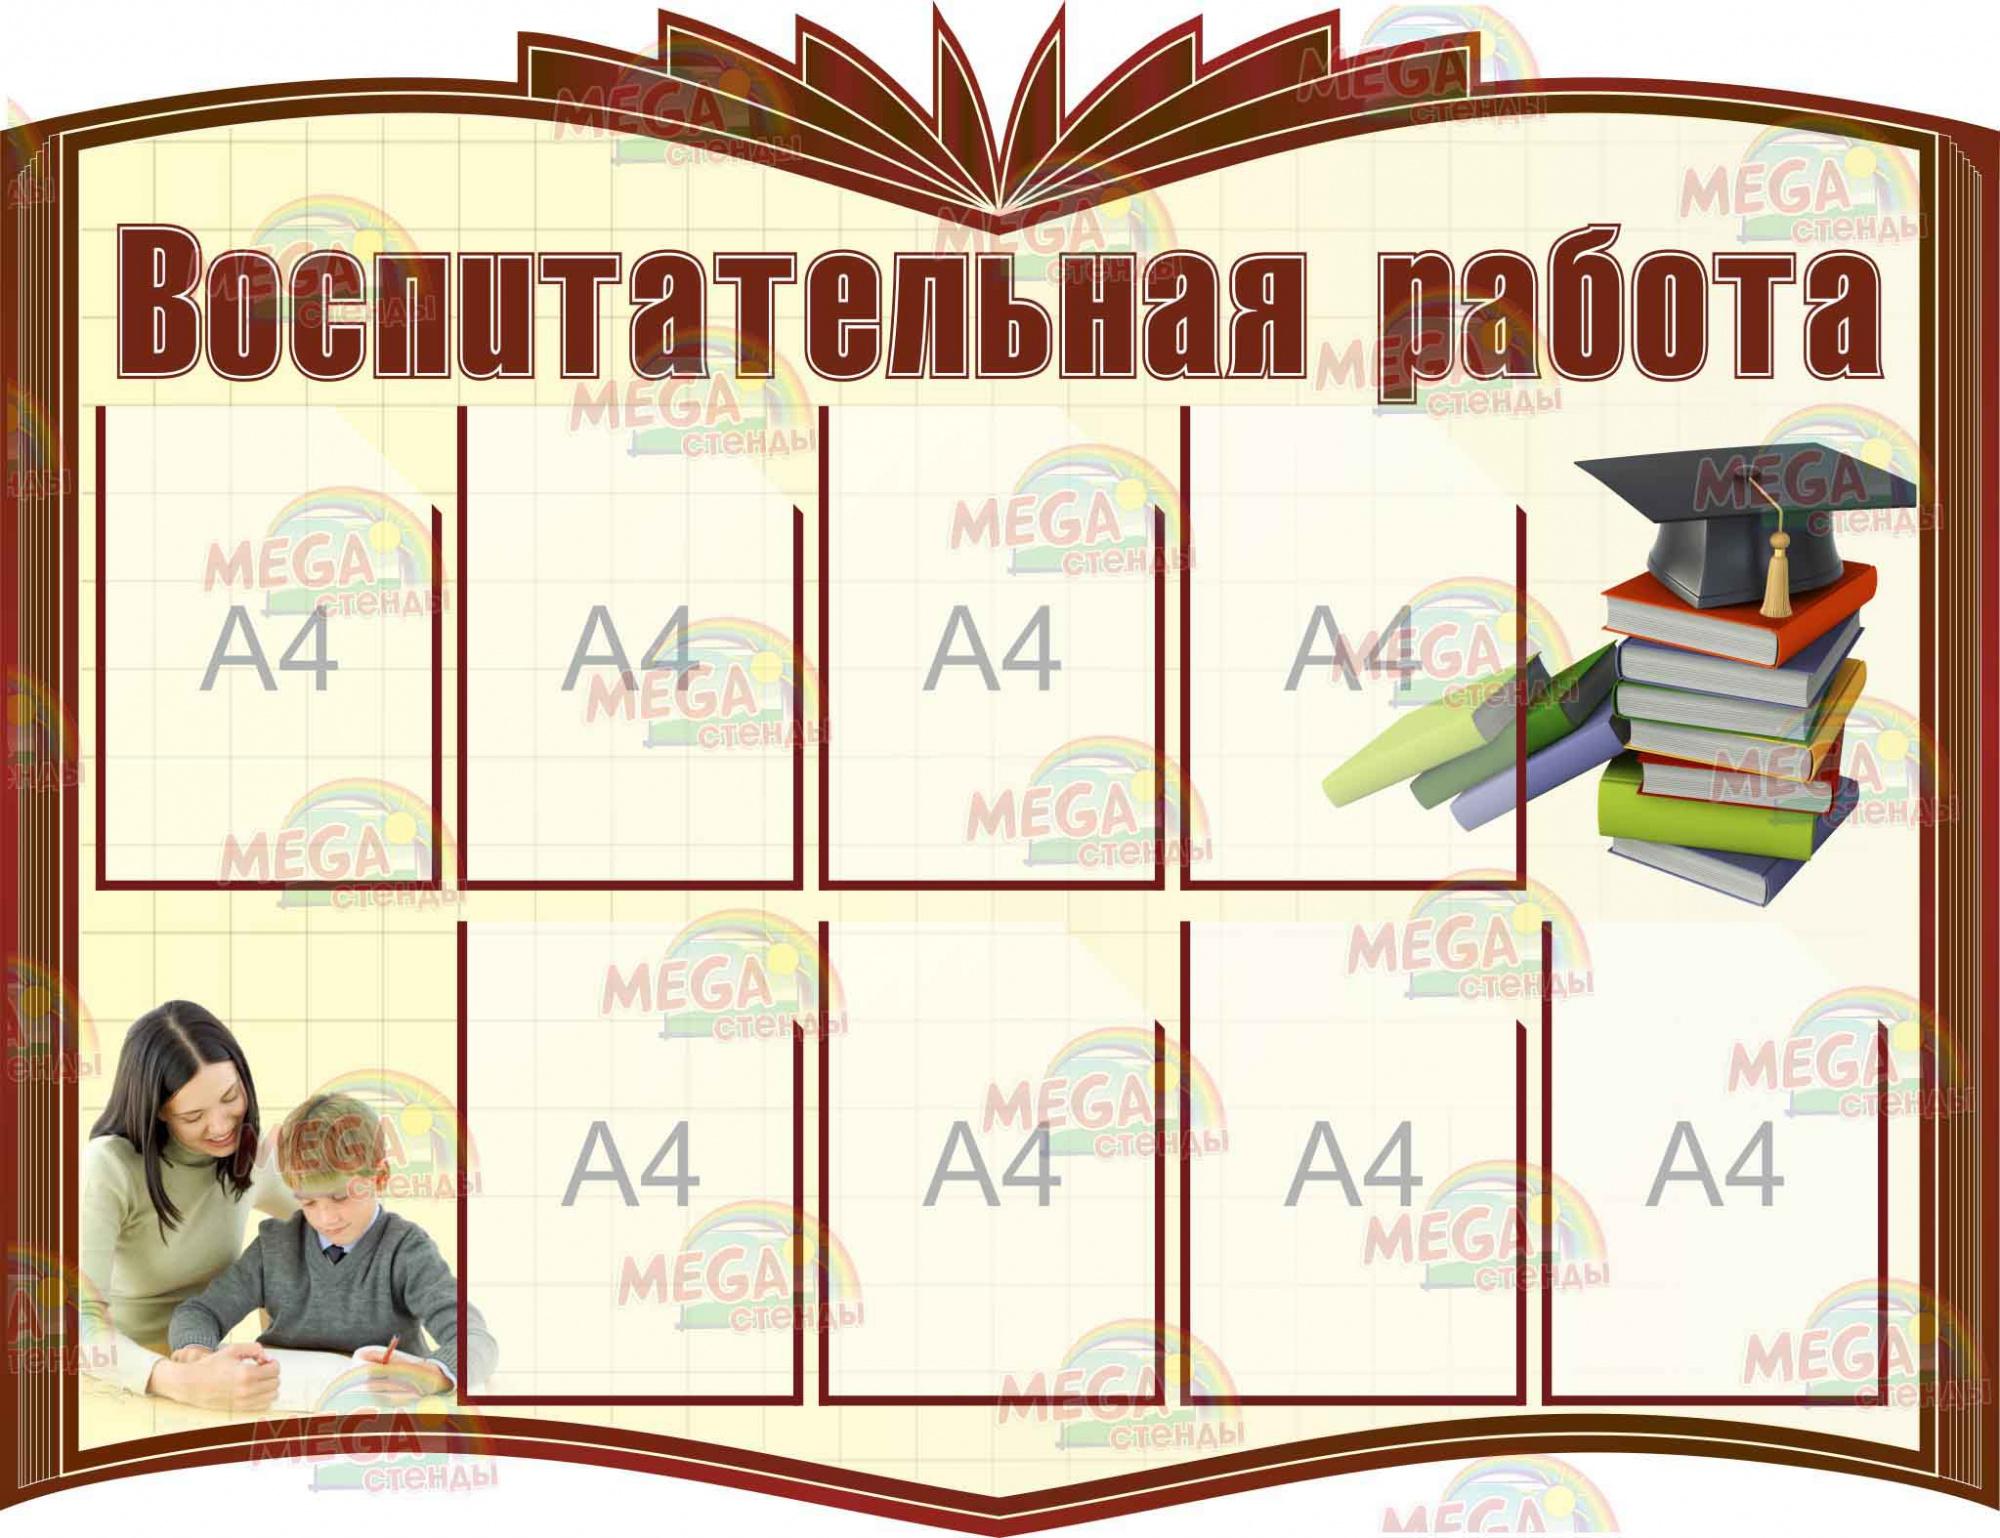 Стенд по воспитательной работе в школе фото